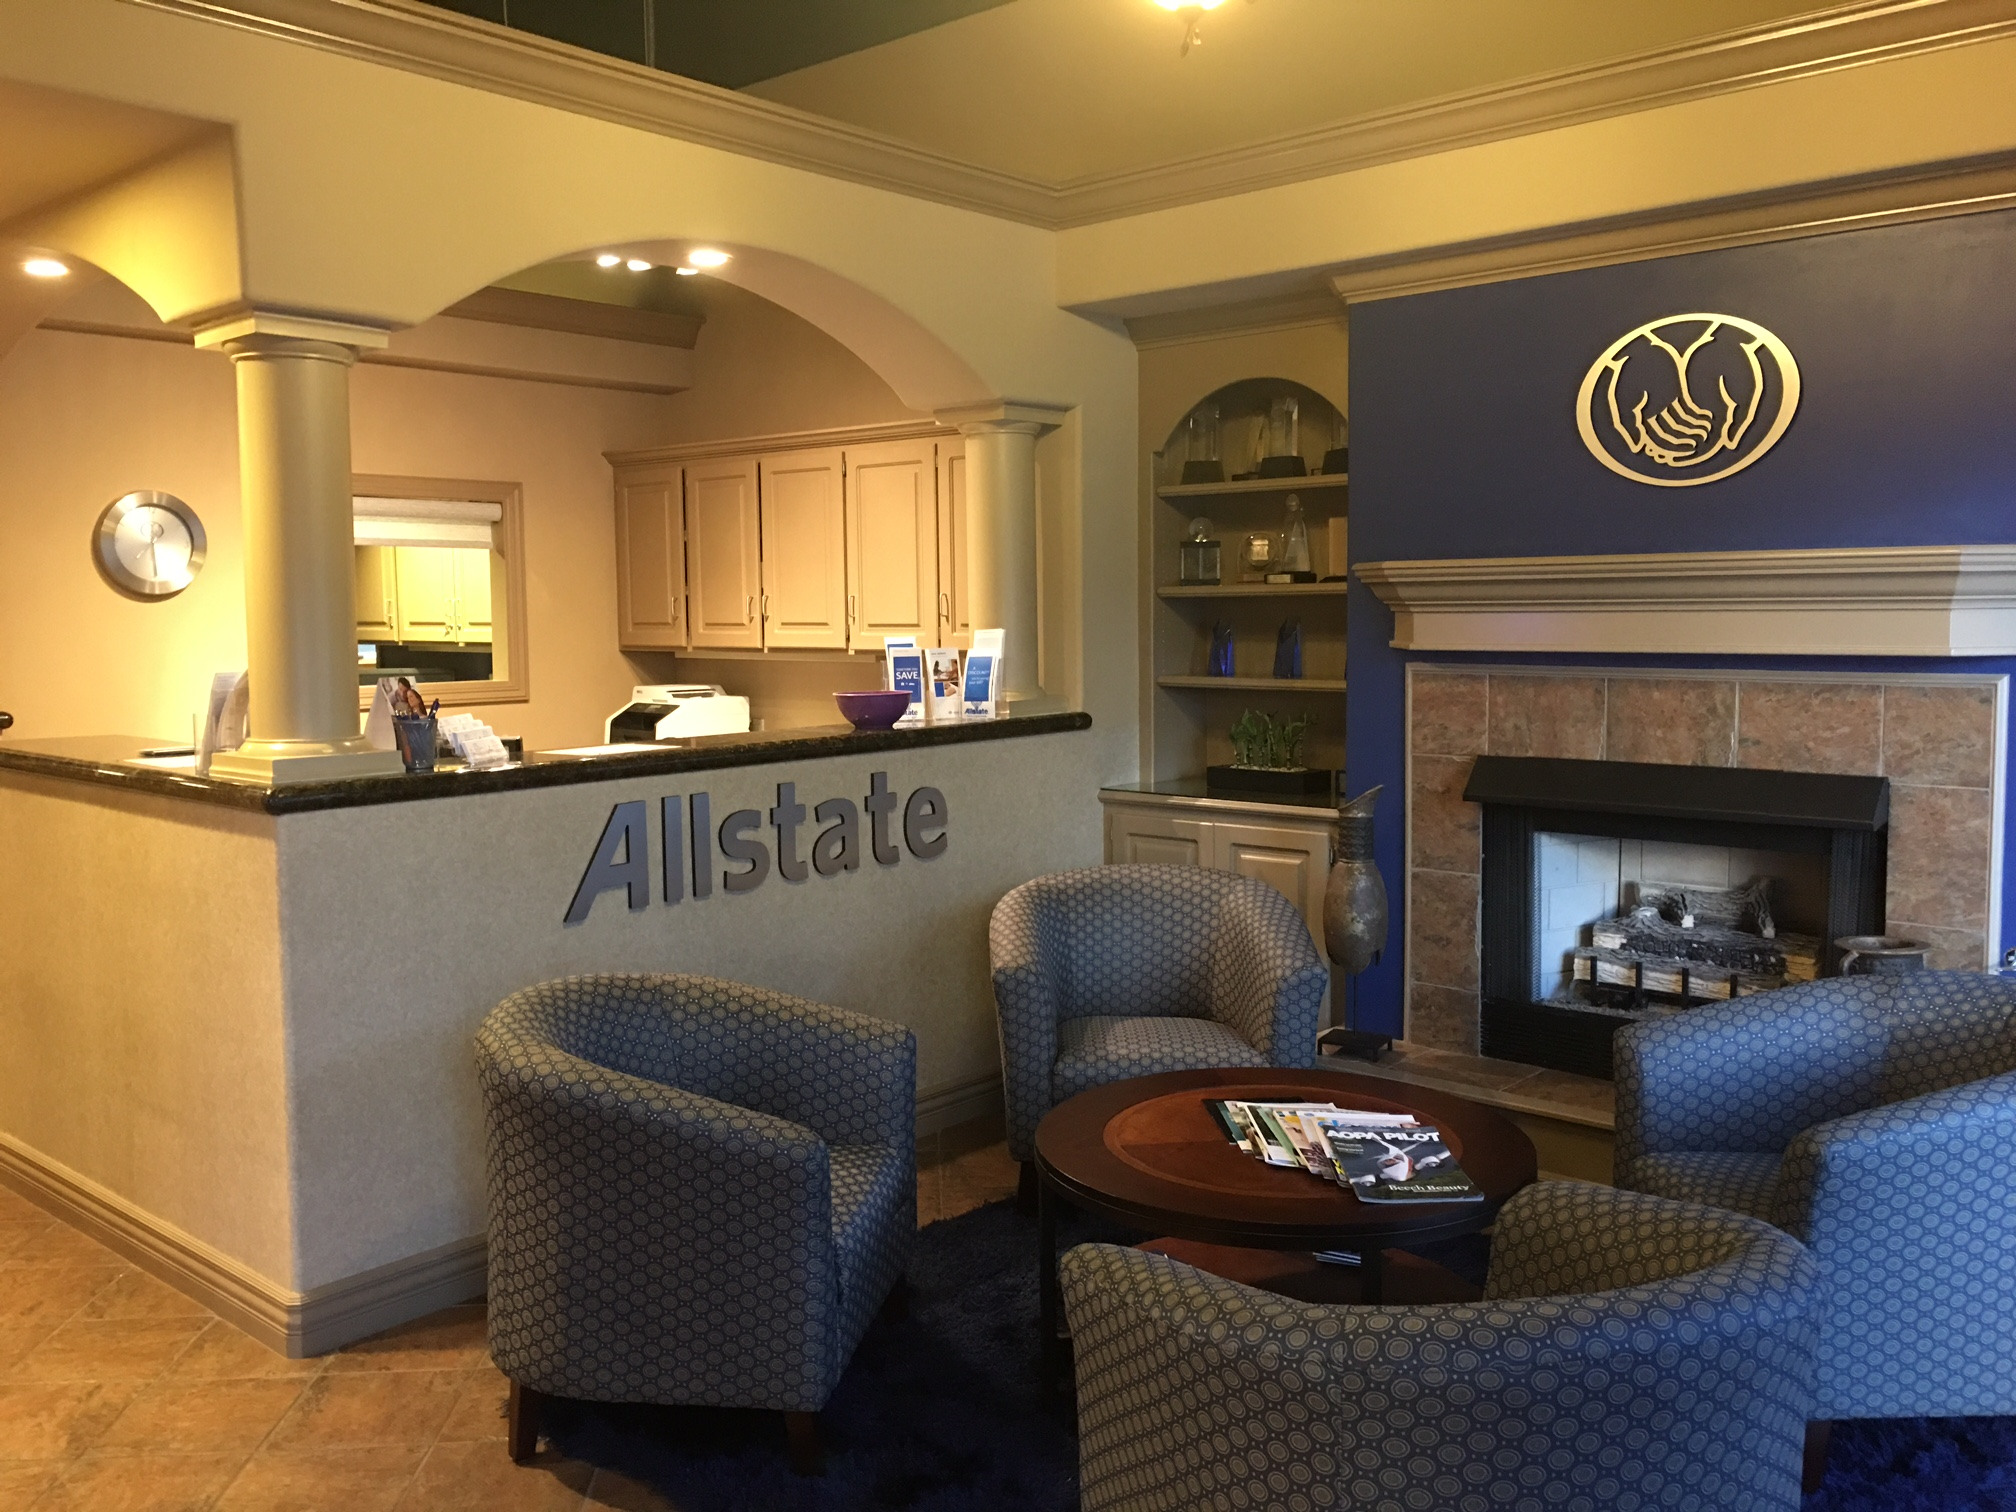 Charles Melnik: Allstate Insurance image 2